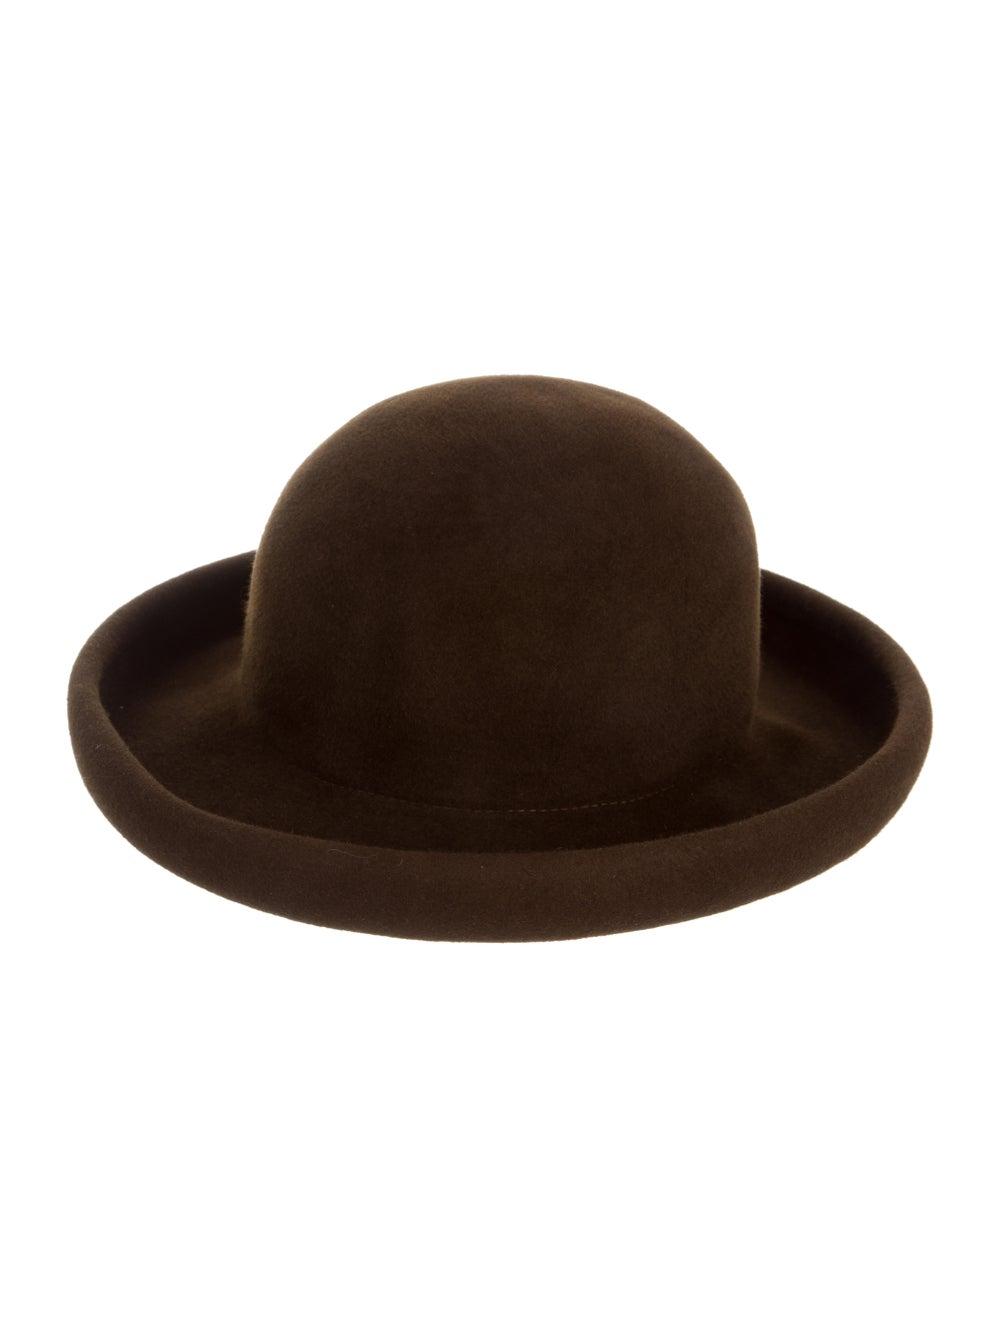 Eric Javits Suede Wide-Brim Hat brown - image 1